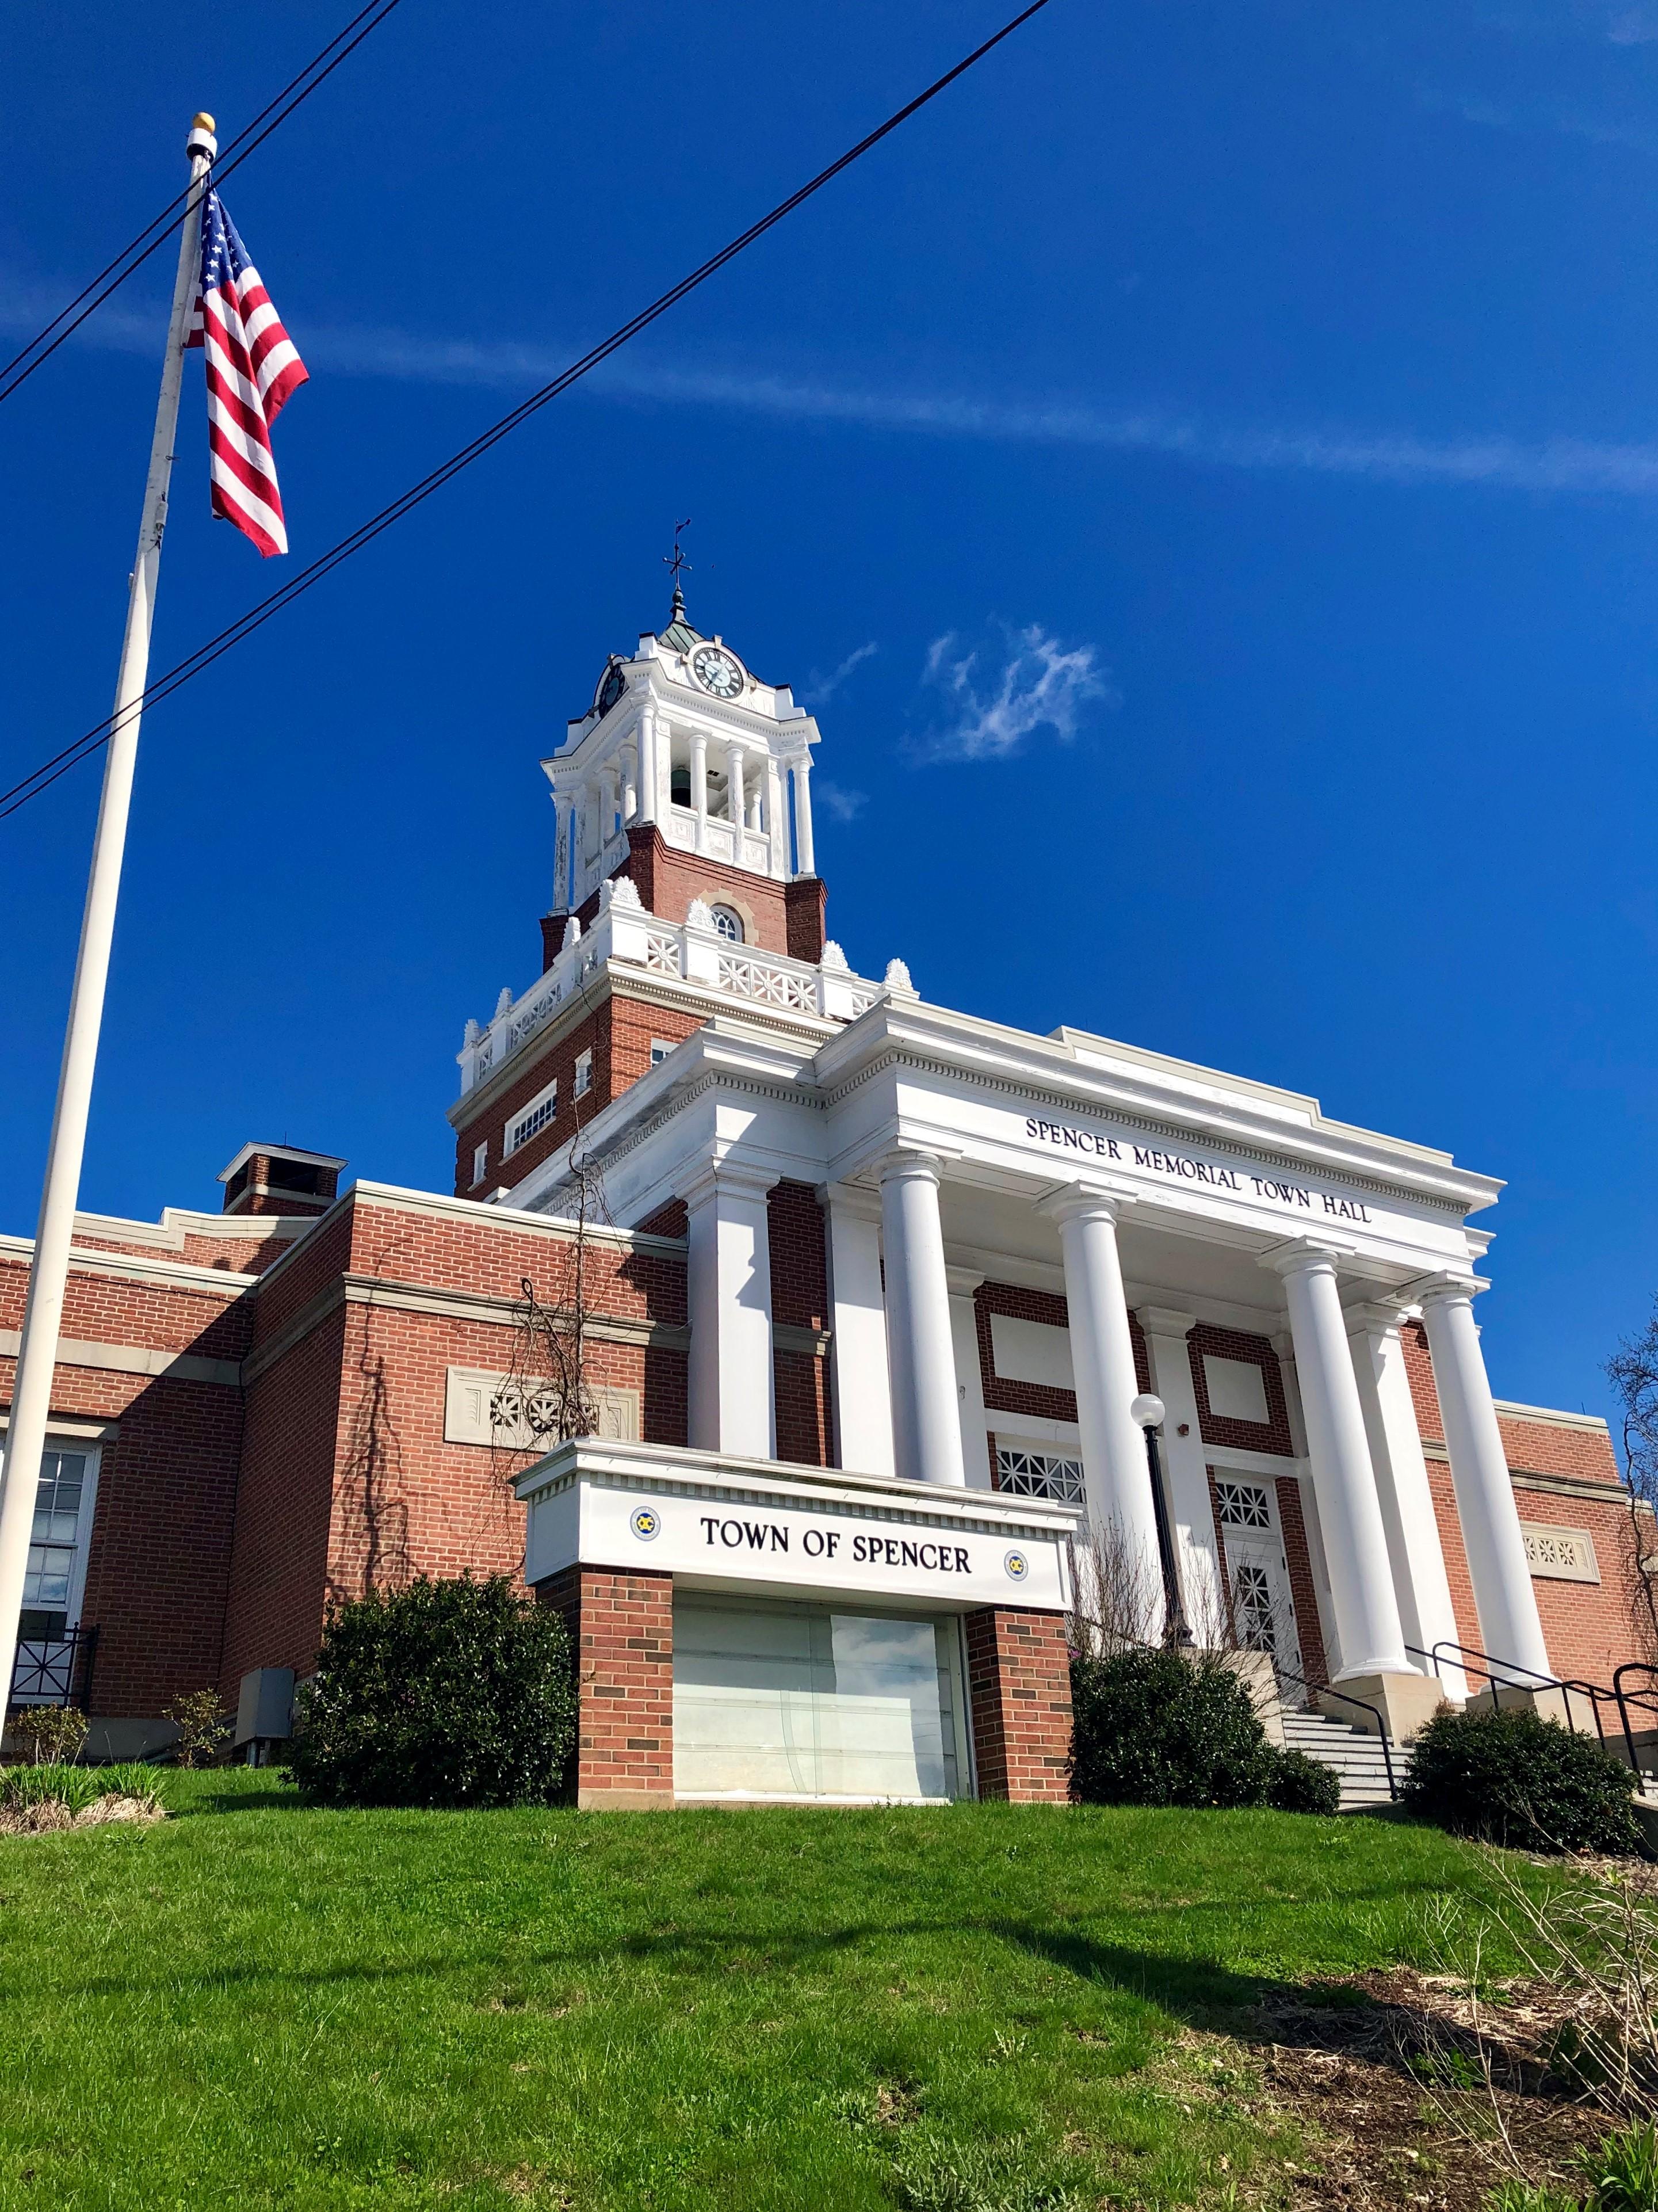 Town of Spencer Massachusetts